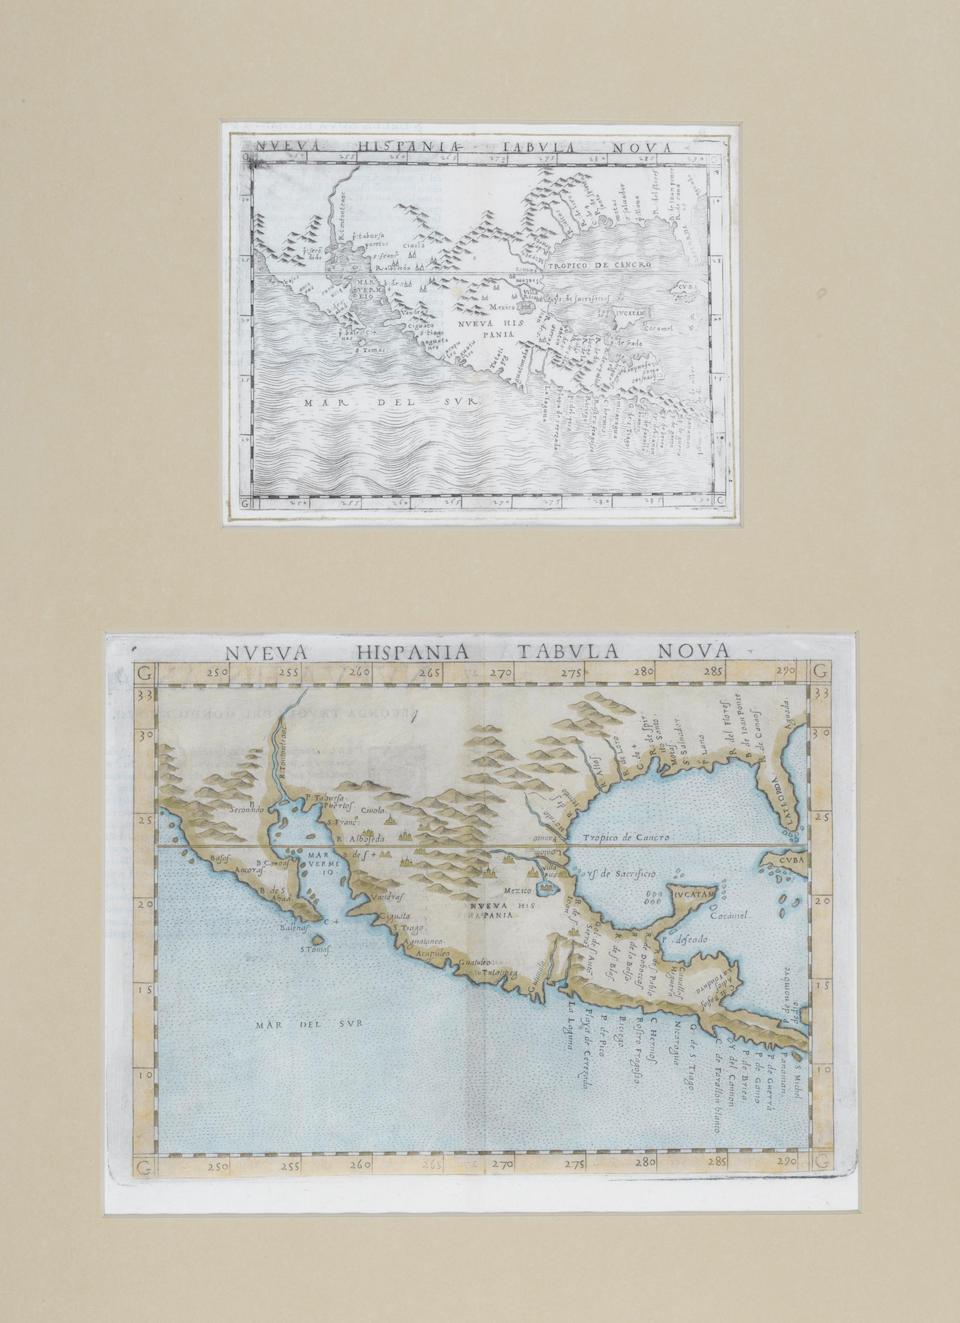 Gastaldi, Giacomo. c.1500-1565. Nueva Hispania Tabula Nova. [Venice: 1548.]